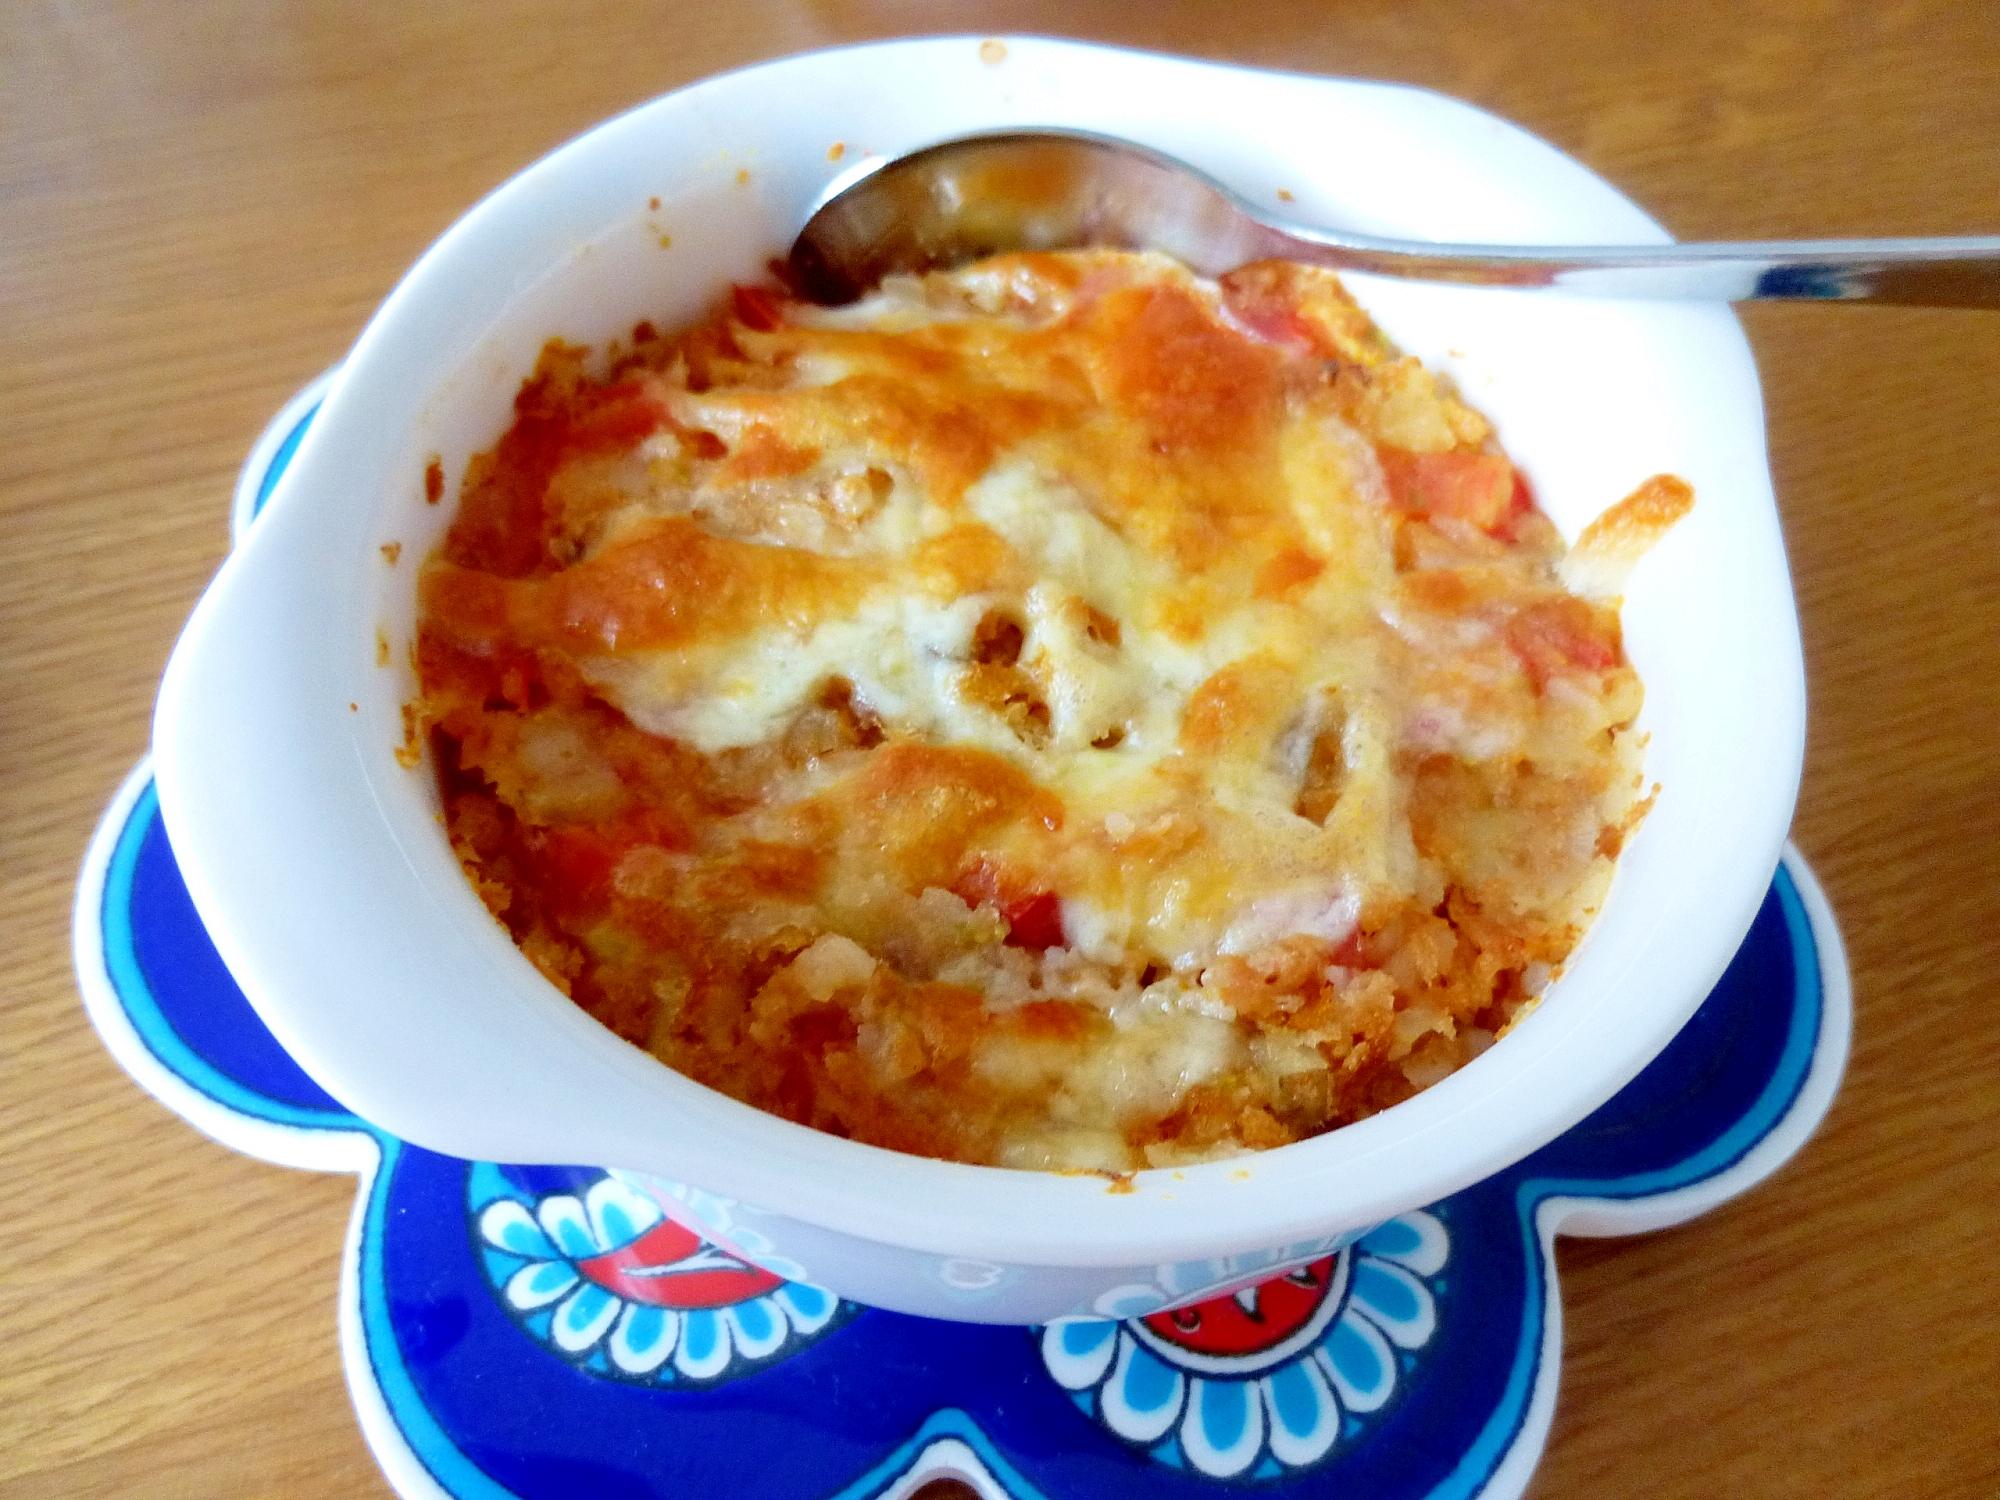 コロッケとトマトのオーブントースター焼き